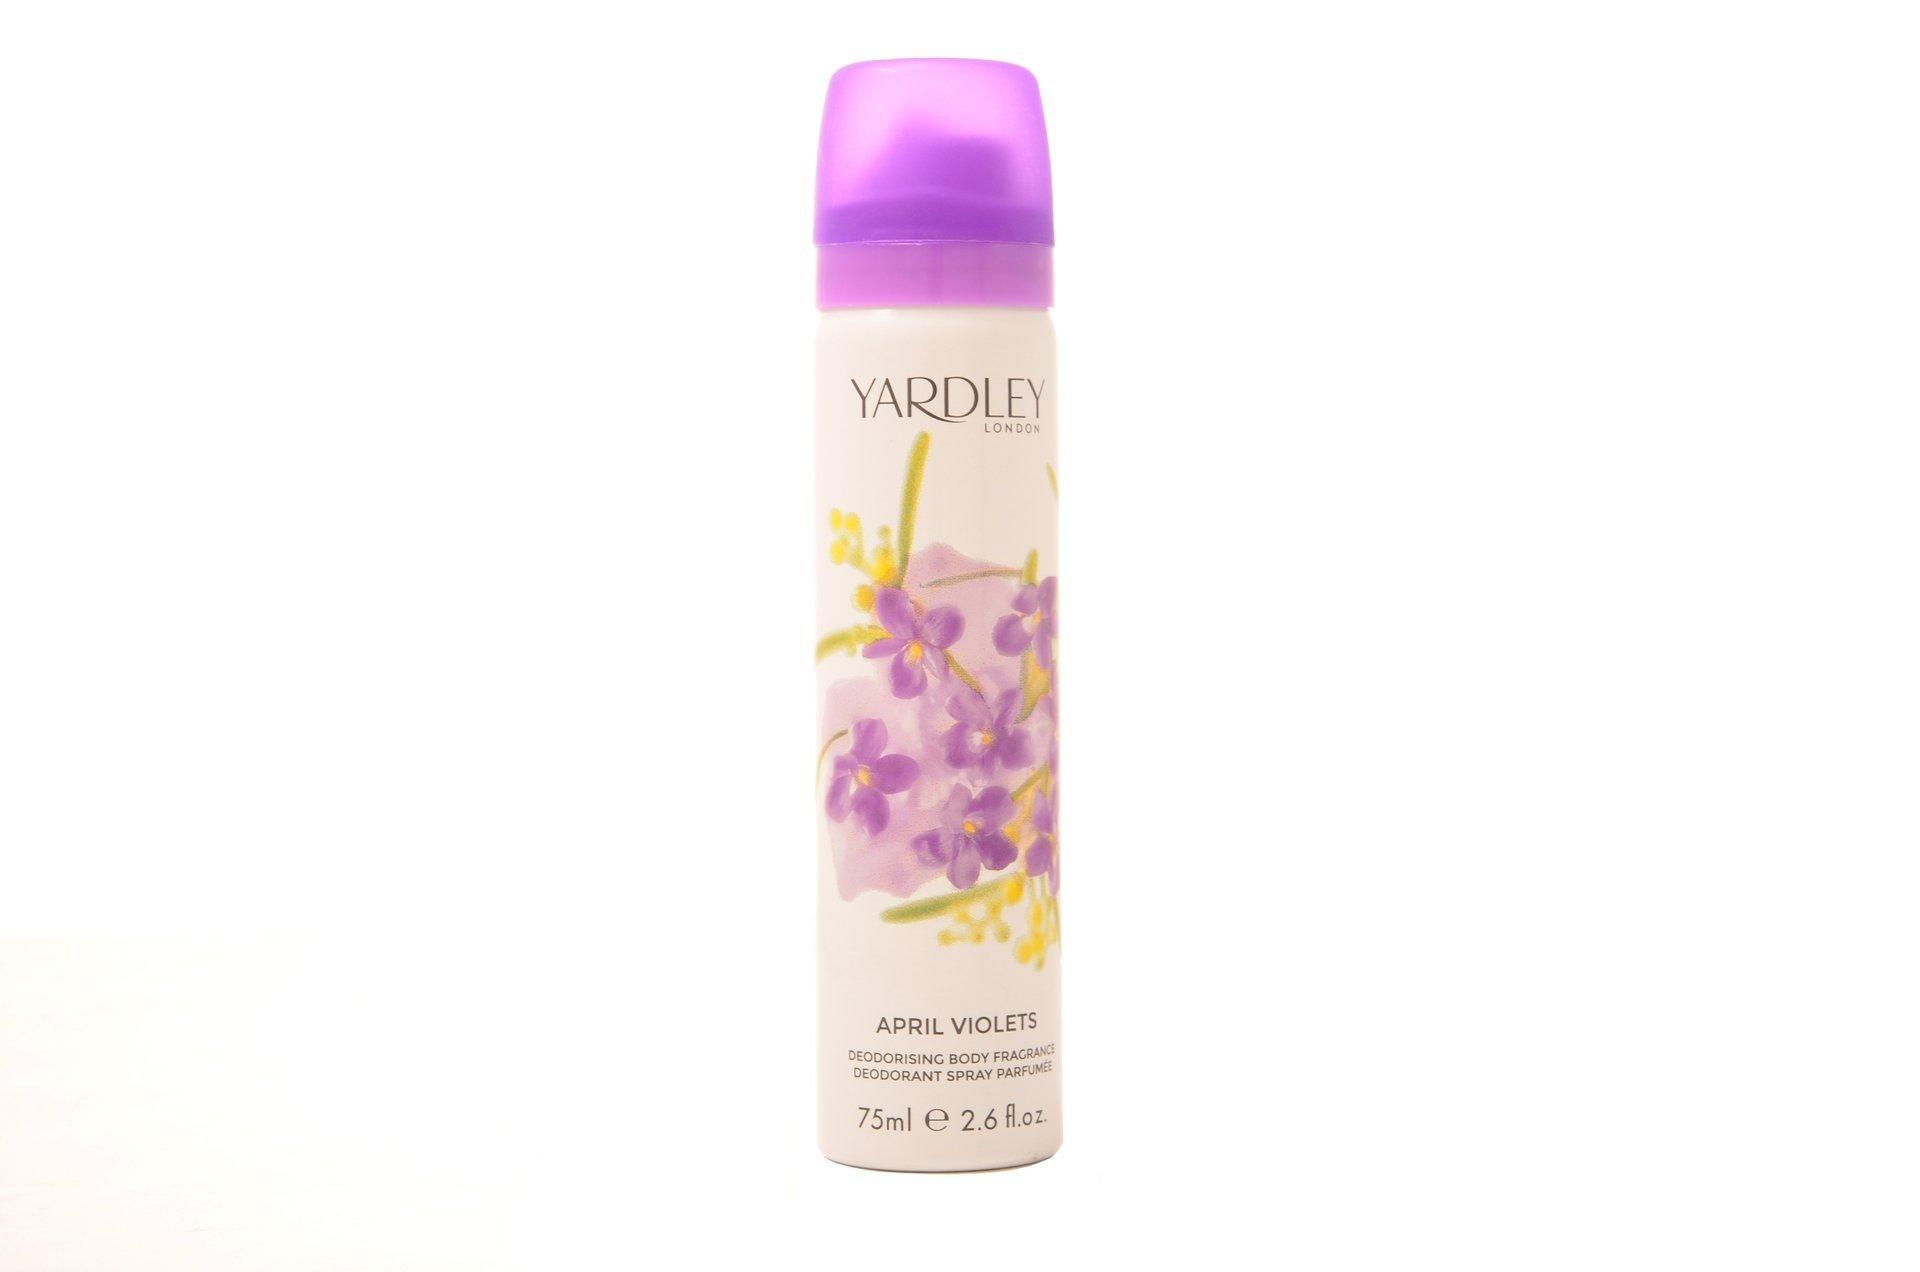 April Violets Body Spray 75ml